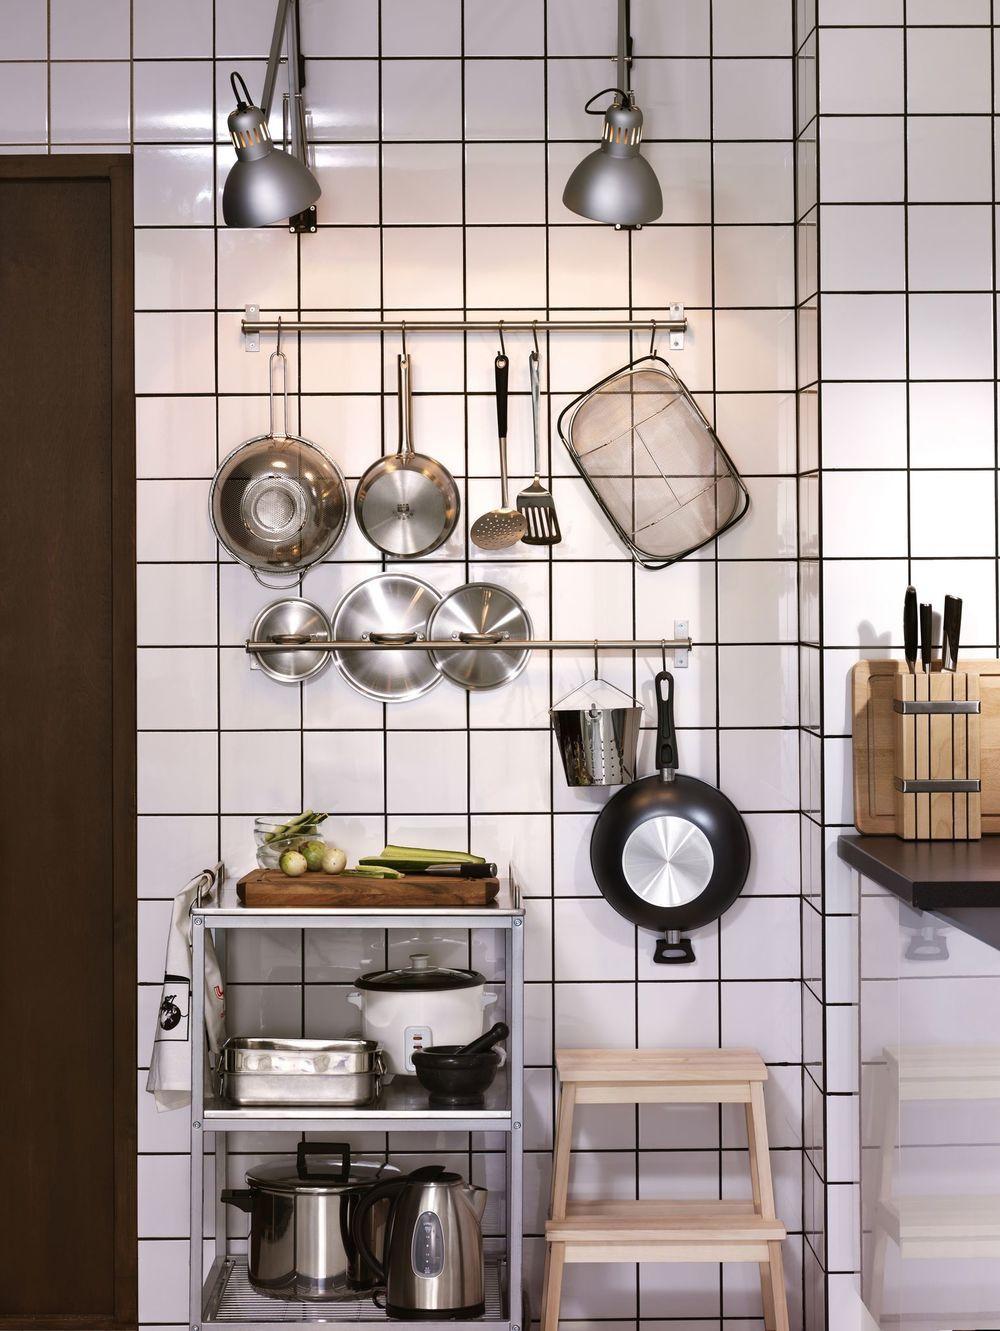 relooker cuisine : 12 idées pour relooking facile et sans se ruiner